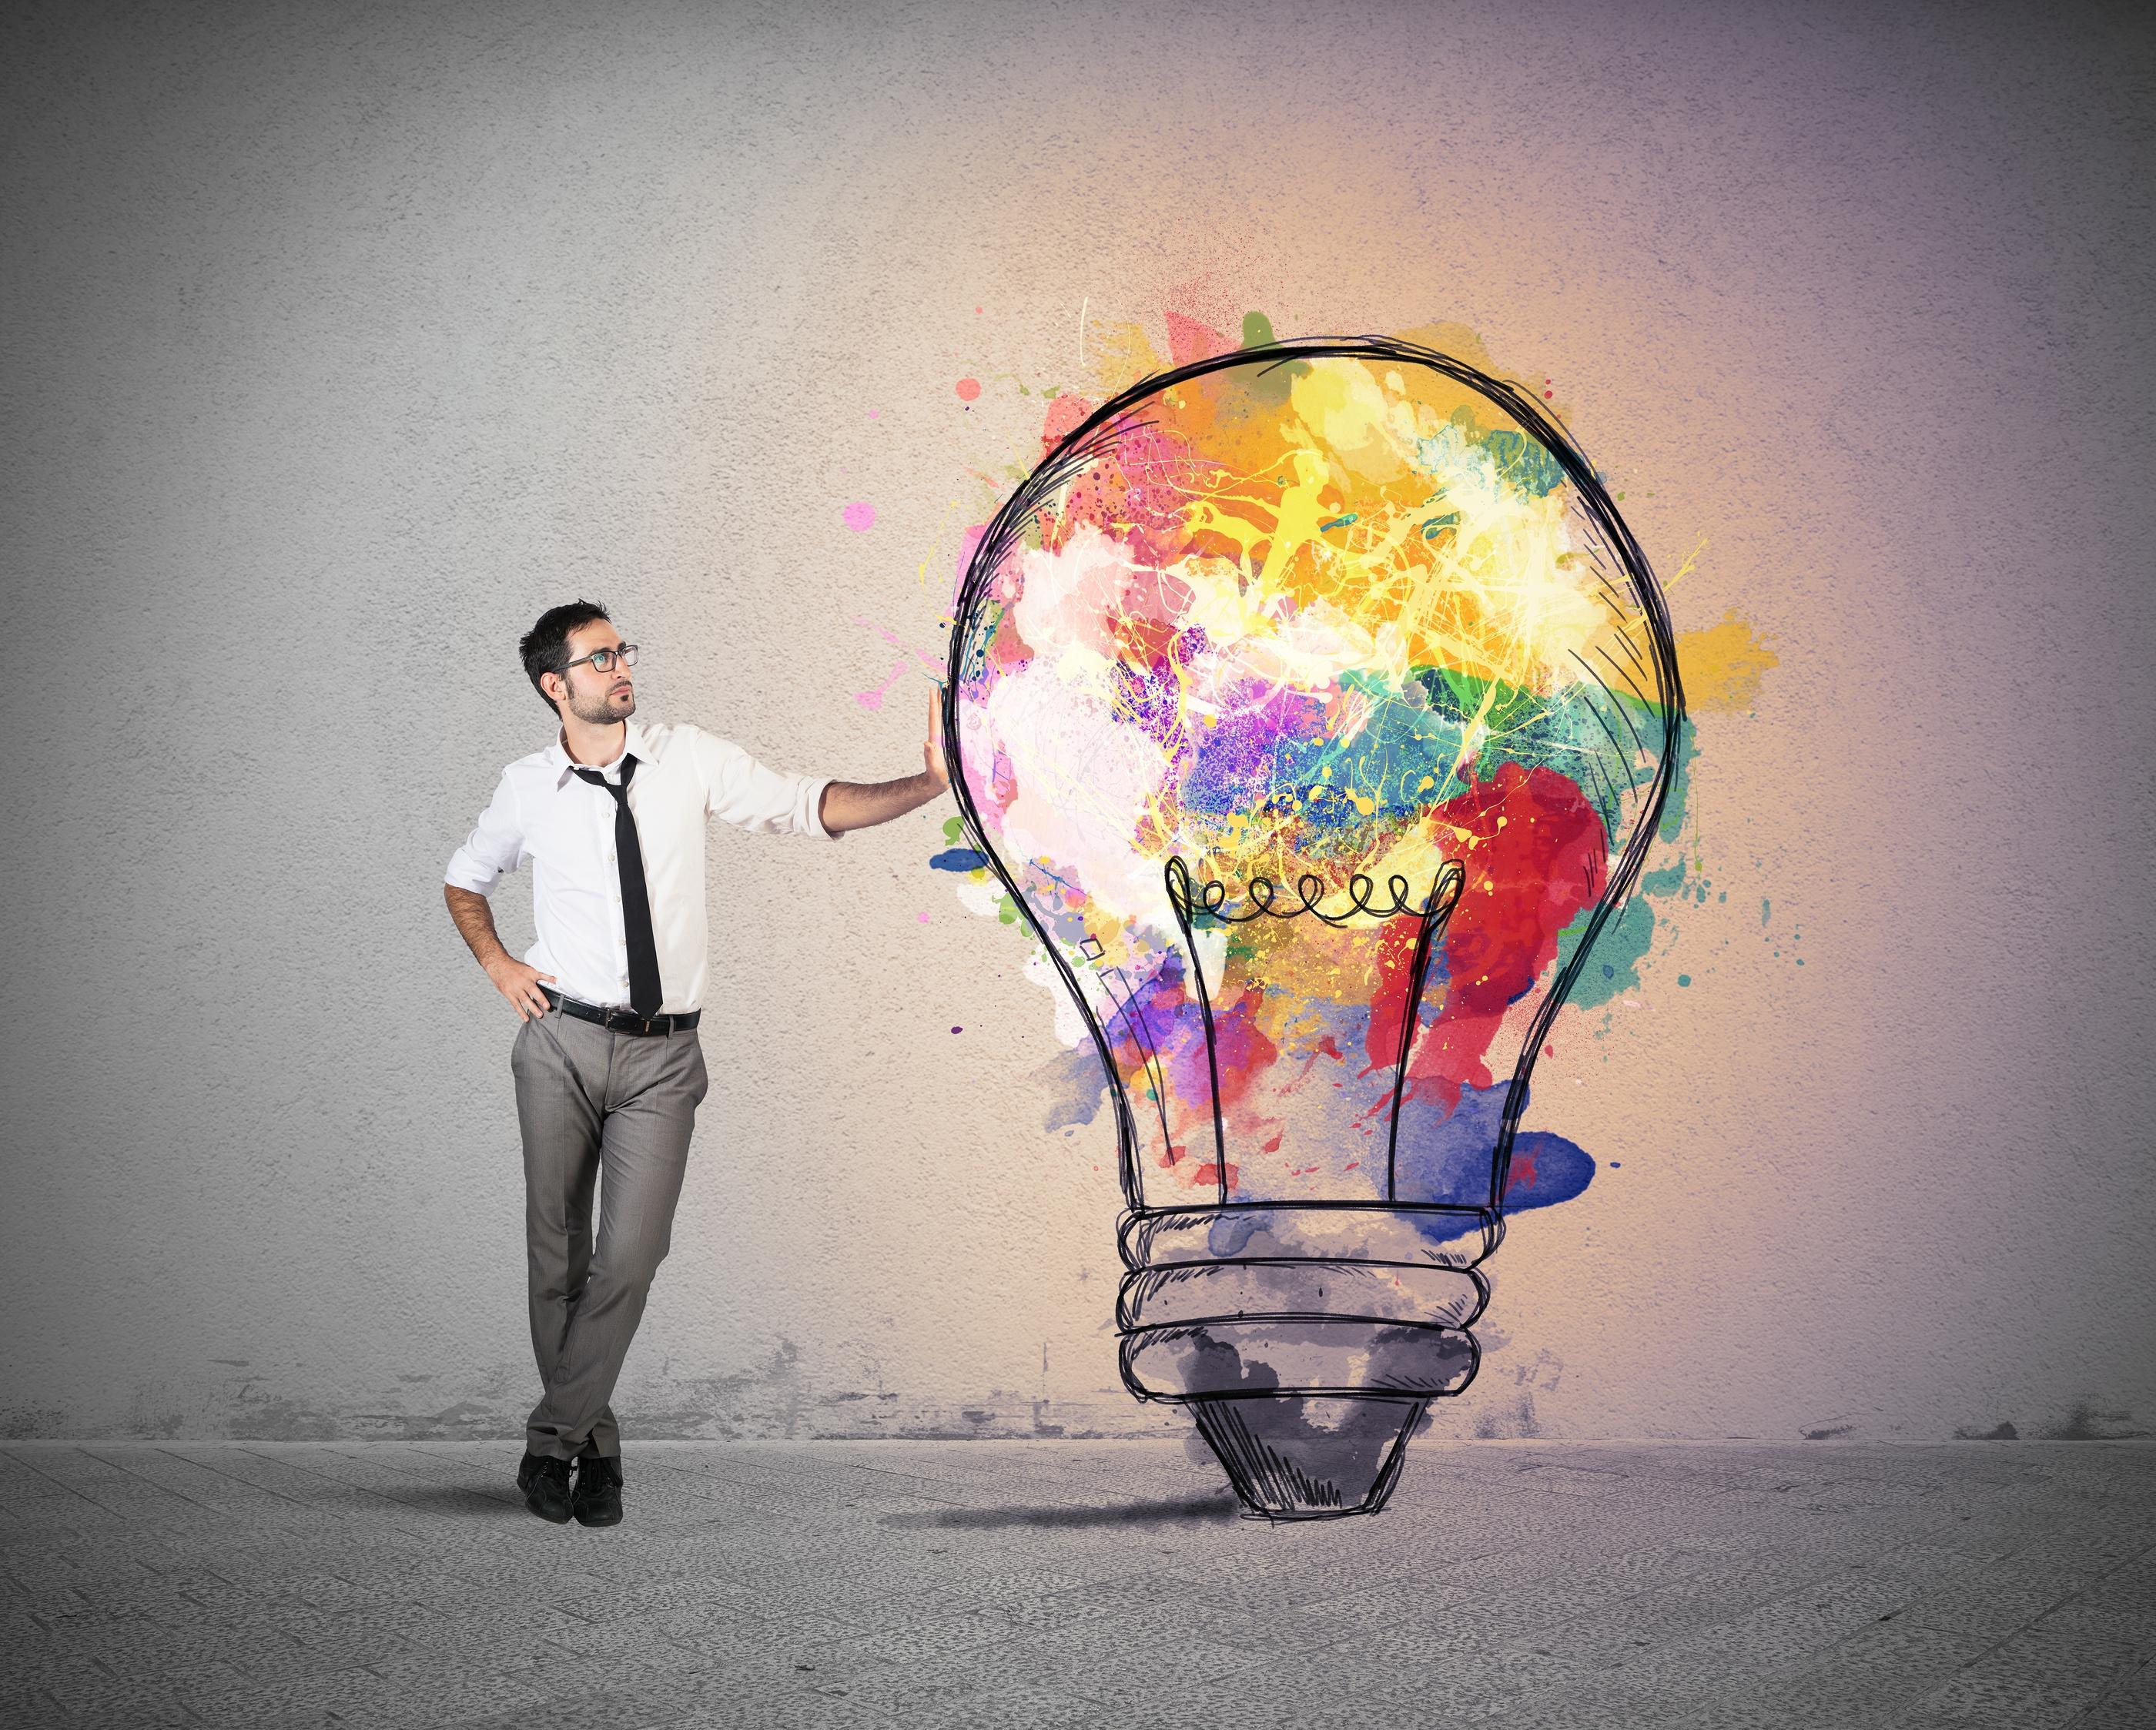 Ideas that strike a chord